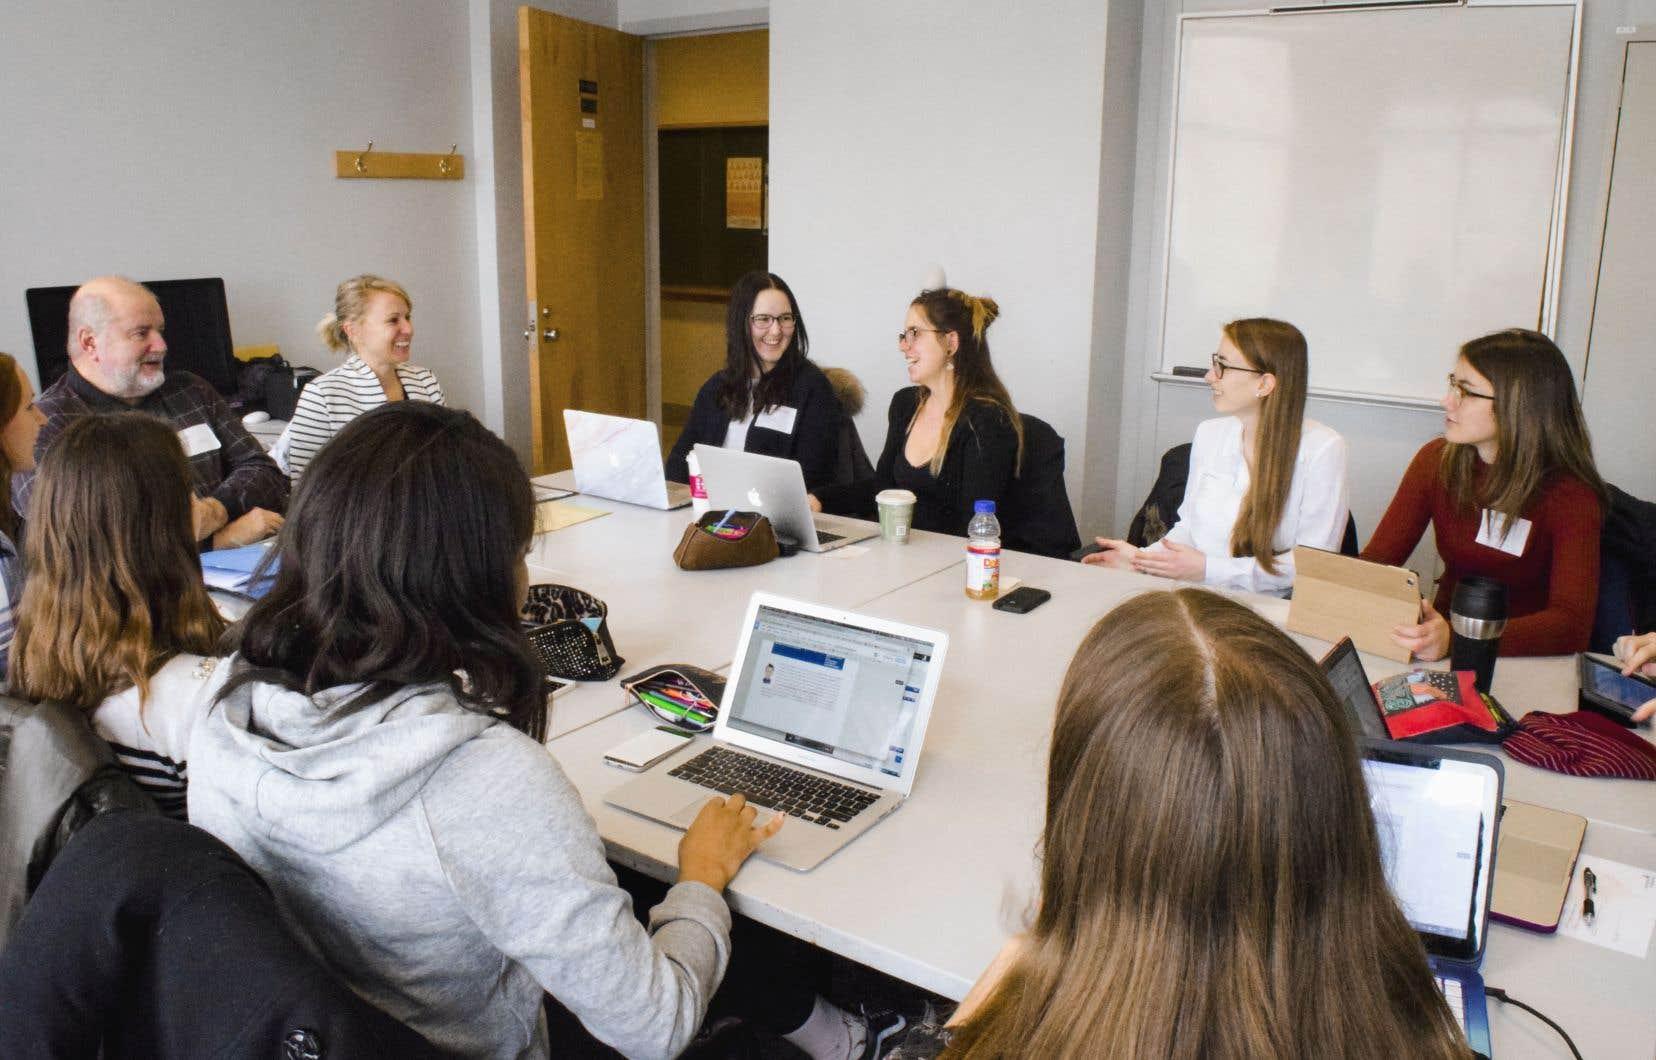 Les cours de la Formation à la collaboration interprofessionnelle en partenariat avec le patient sont développés en trois volets visant chacun des apprentissages spécifiques.